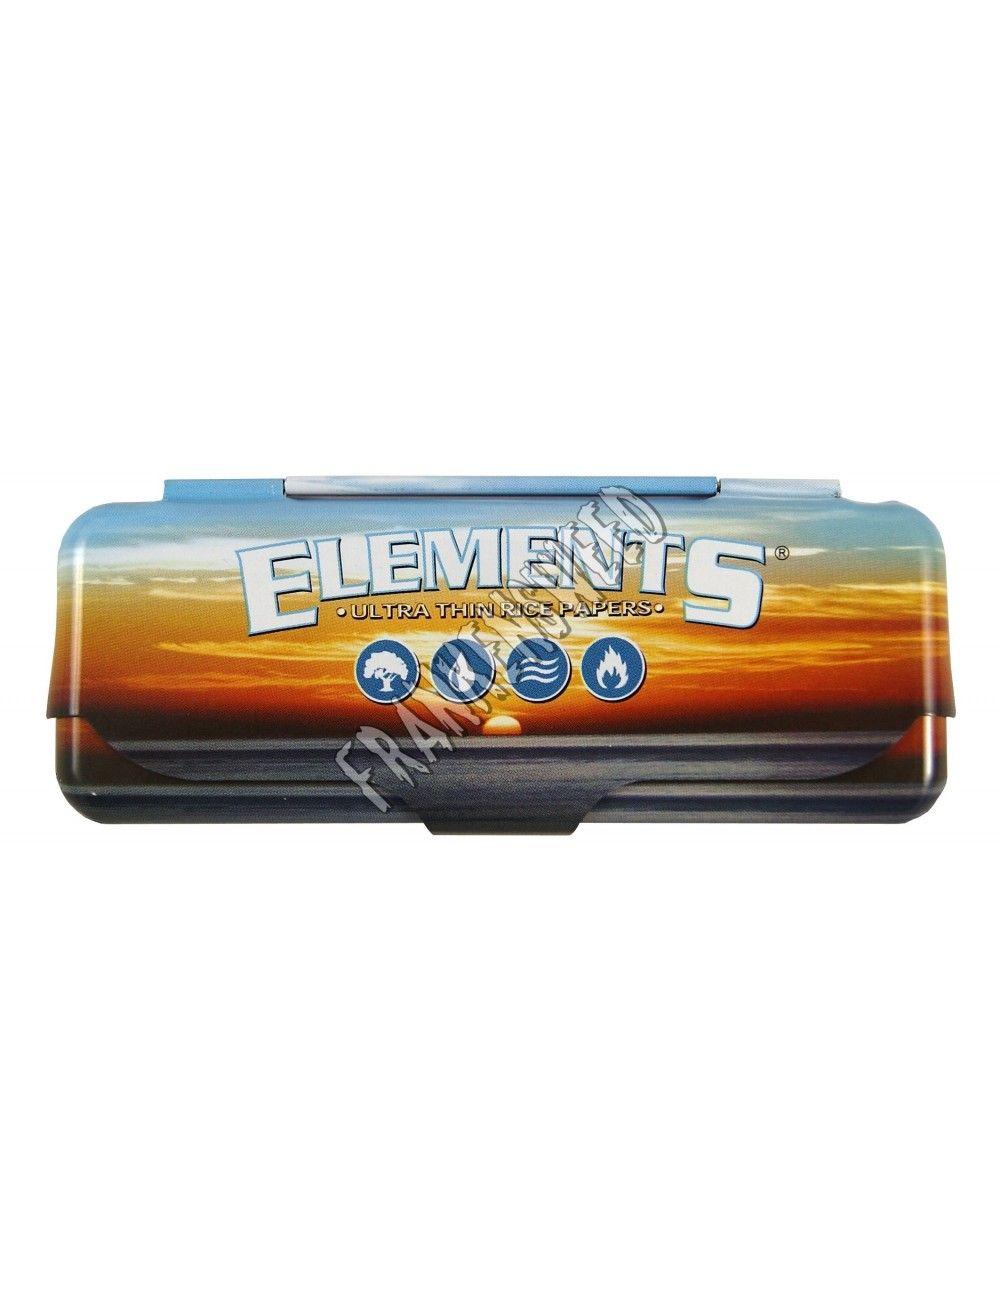 Elements 1¼ Metal Case